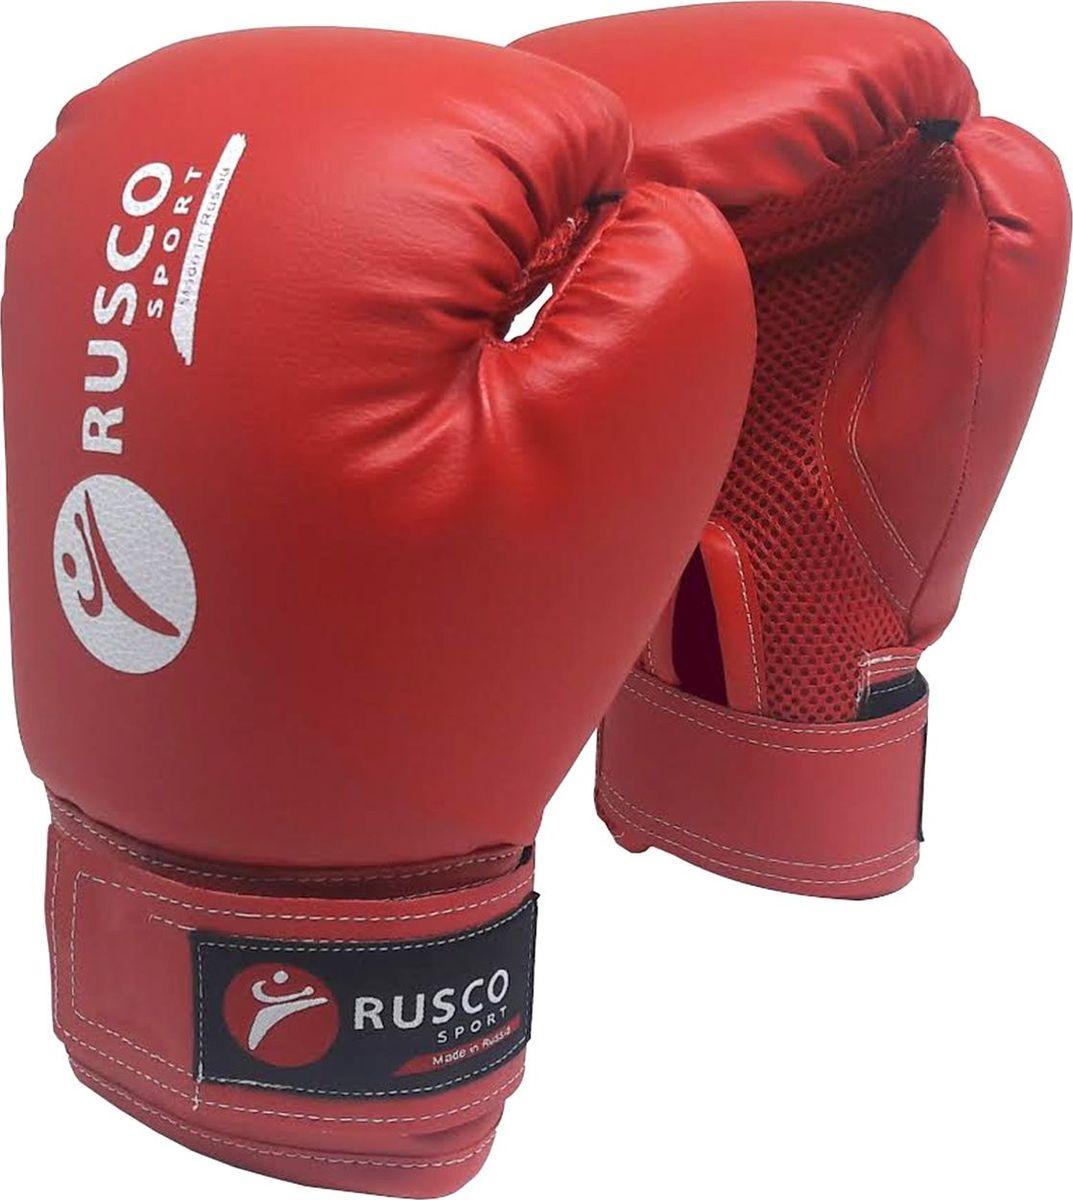 Перчатки боксерские Rusco, цвет: красный, 10 ozУТ-00008588Перчатки боксерские, 10 oz, к/з - это боксерские перчатки красного цвета, которые широко используются начинающими спортсменами и юниорами на тренировках. Перчатки имеют мягкую набивку, специально разработанная удобная форма позволяет избежать травм во время тренировок и профессионально подготовиться к бою. Превосходно облегают кисть, следуя всем анатомическим изгибам ладони и запястья.